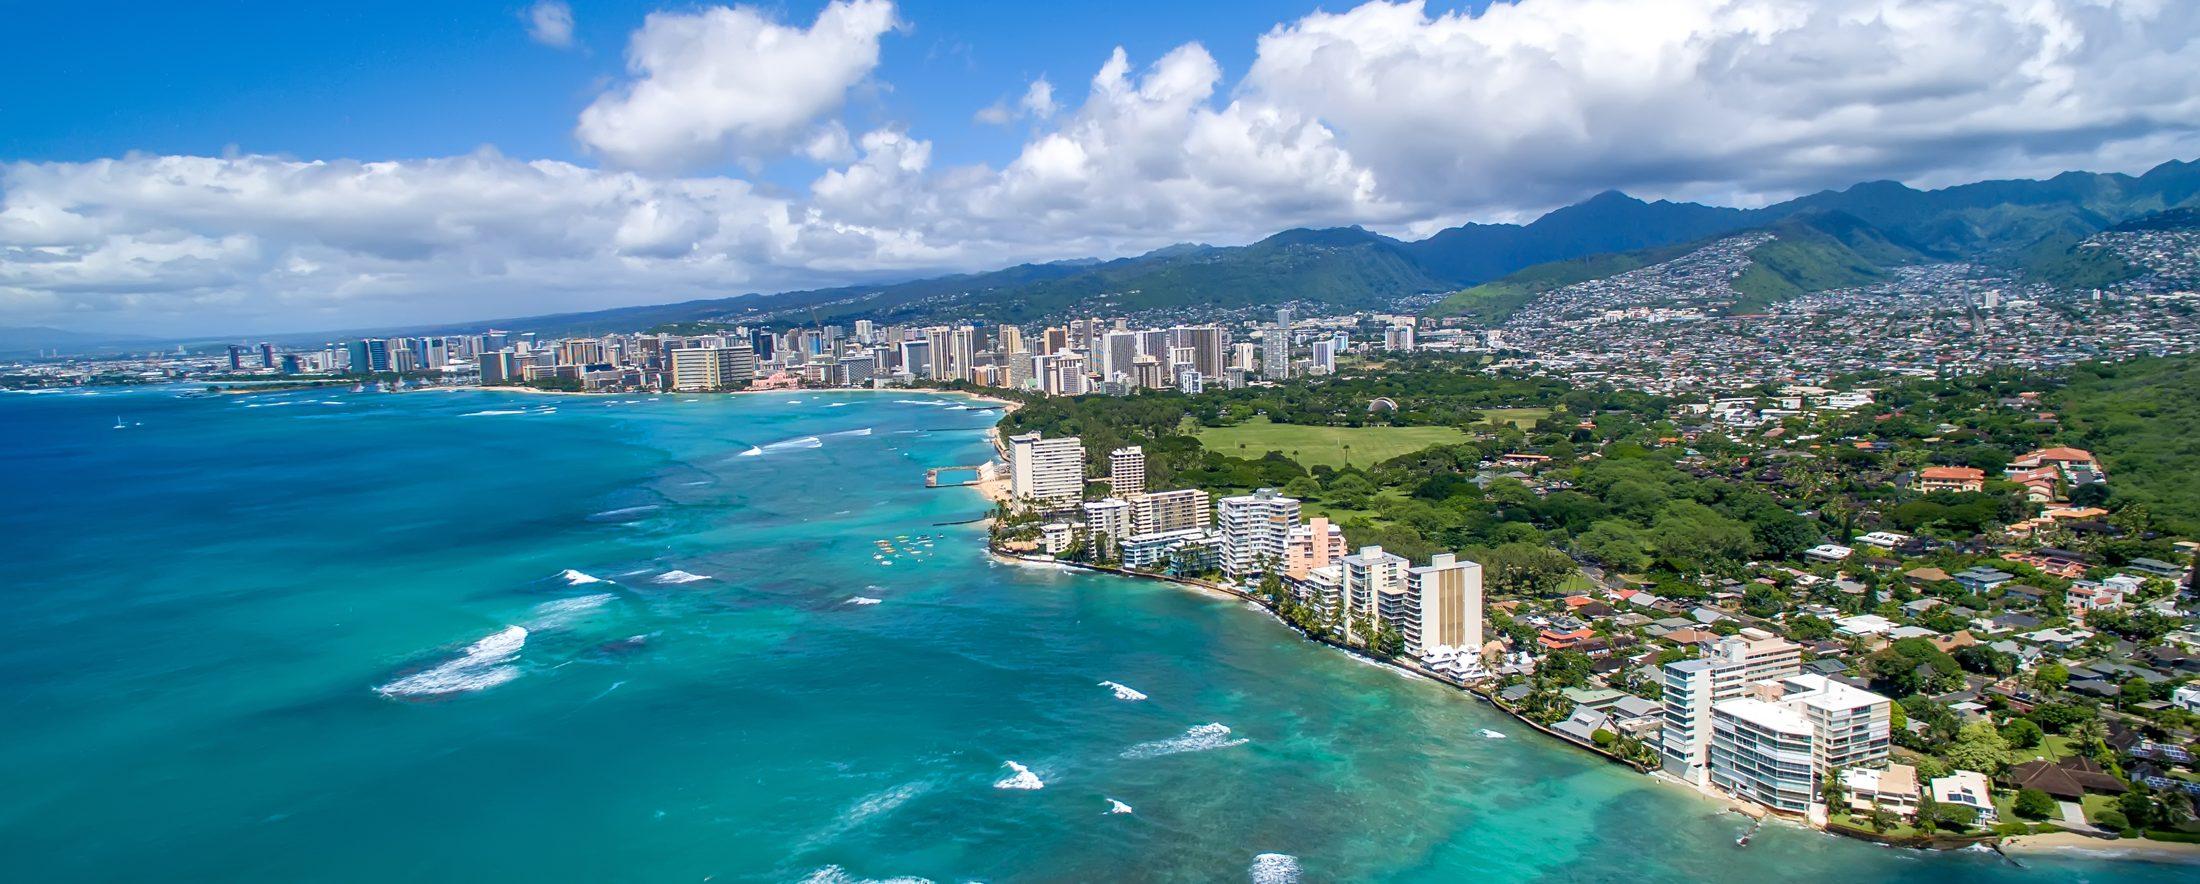 Waikiki Coast